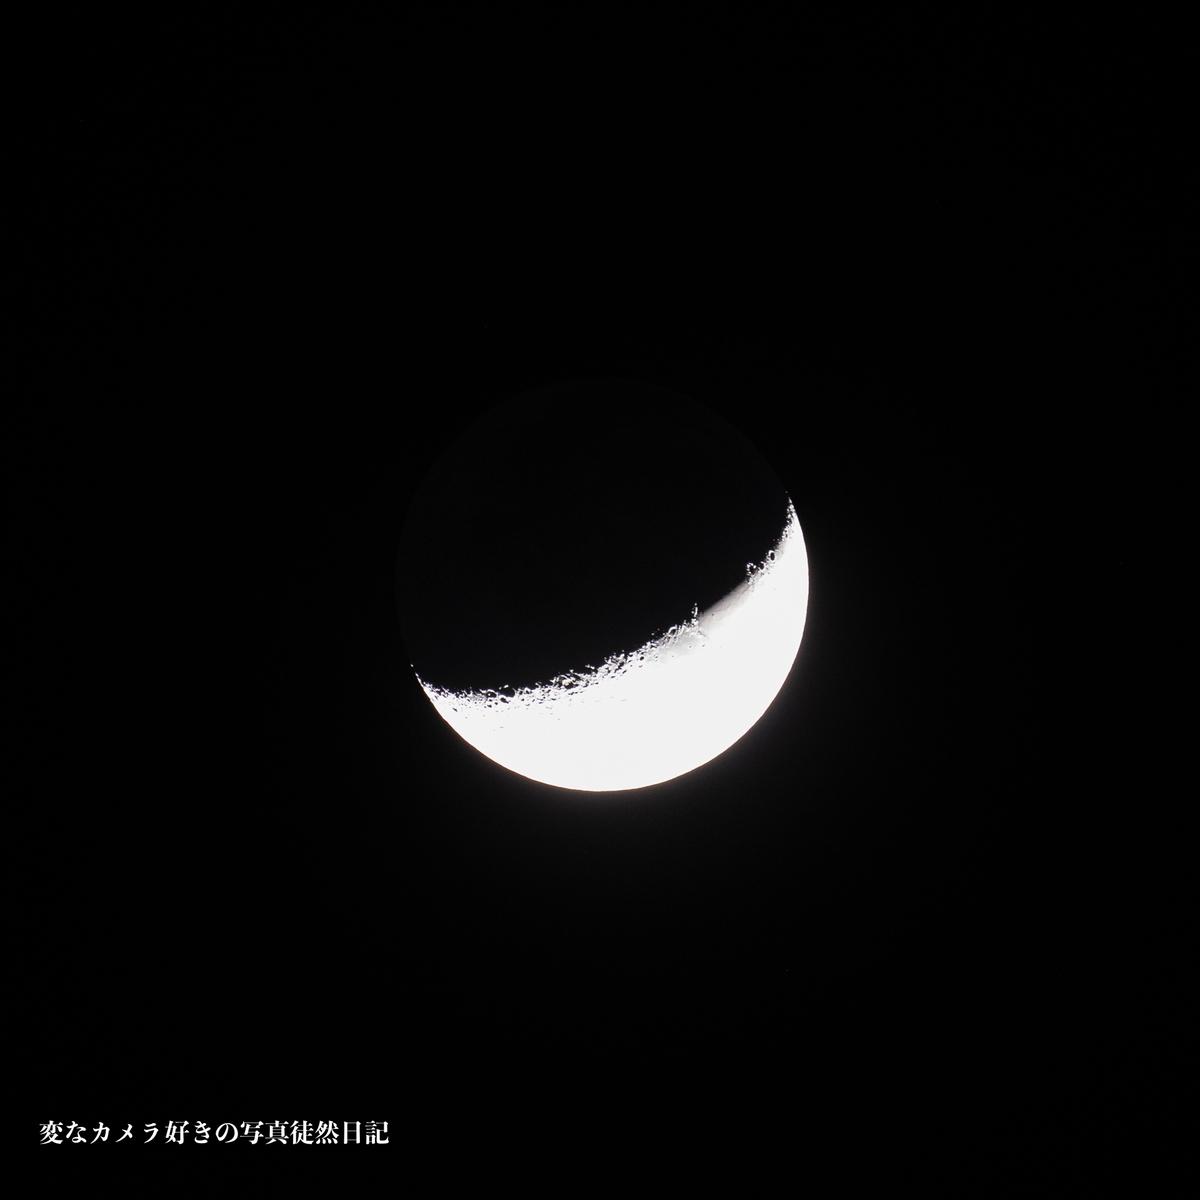 f:id:yuseiphotos:20210429004009j:plain